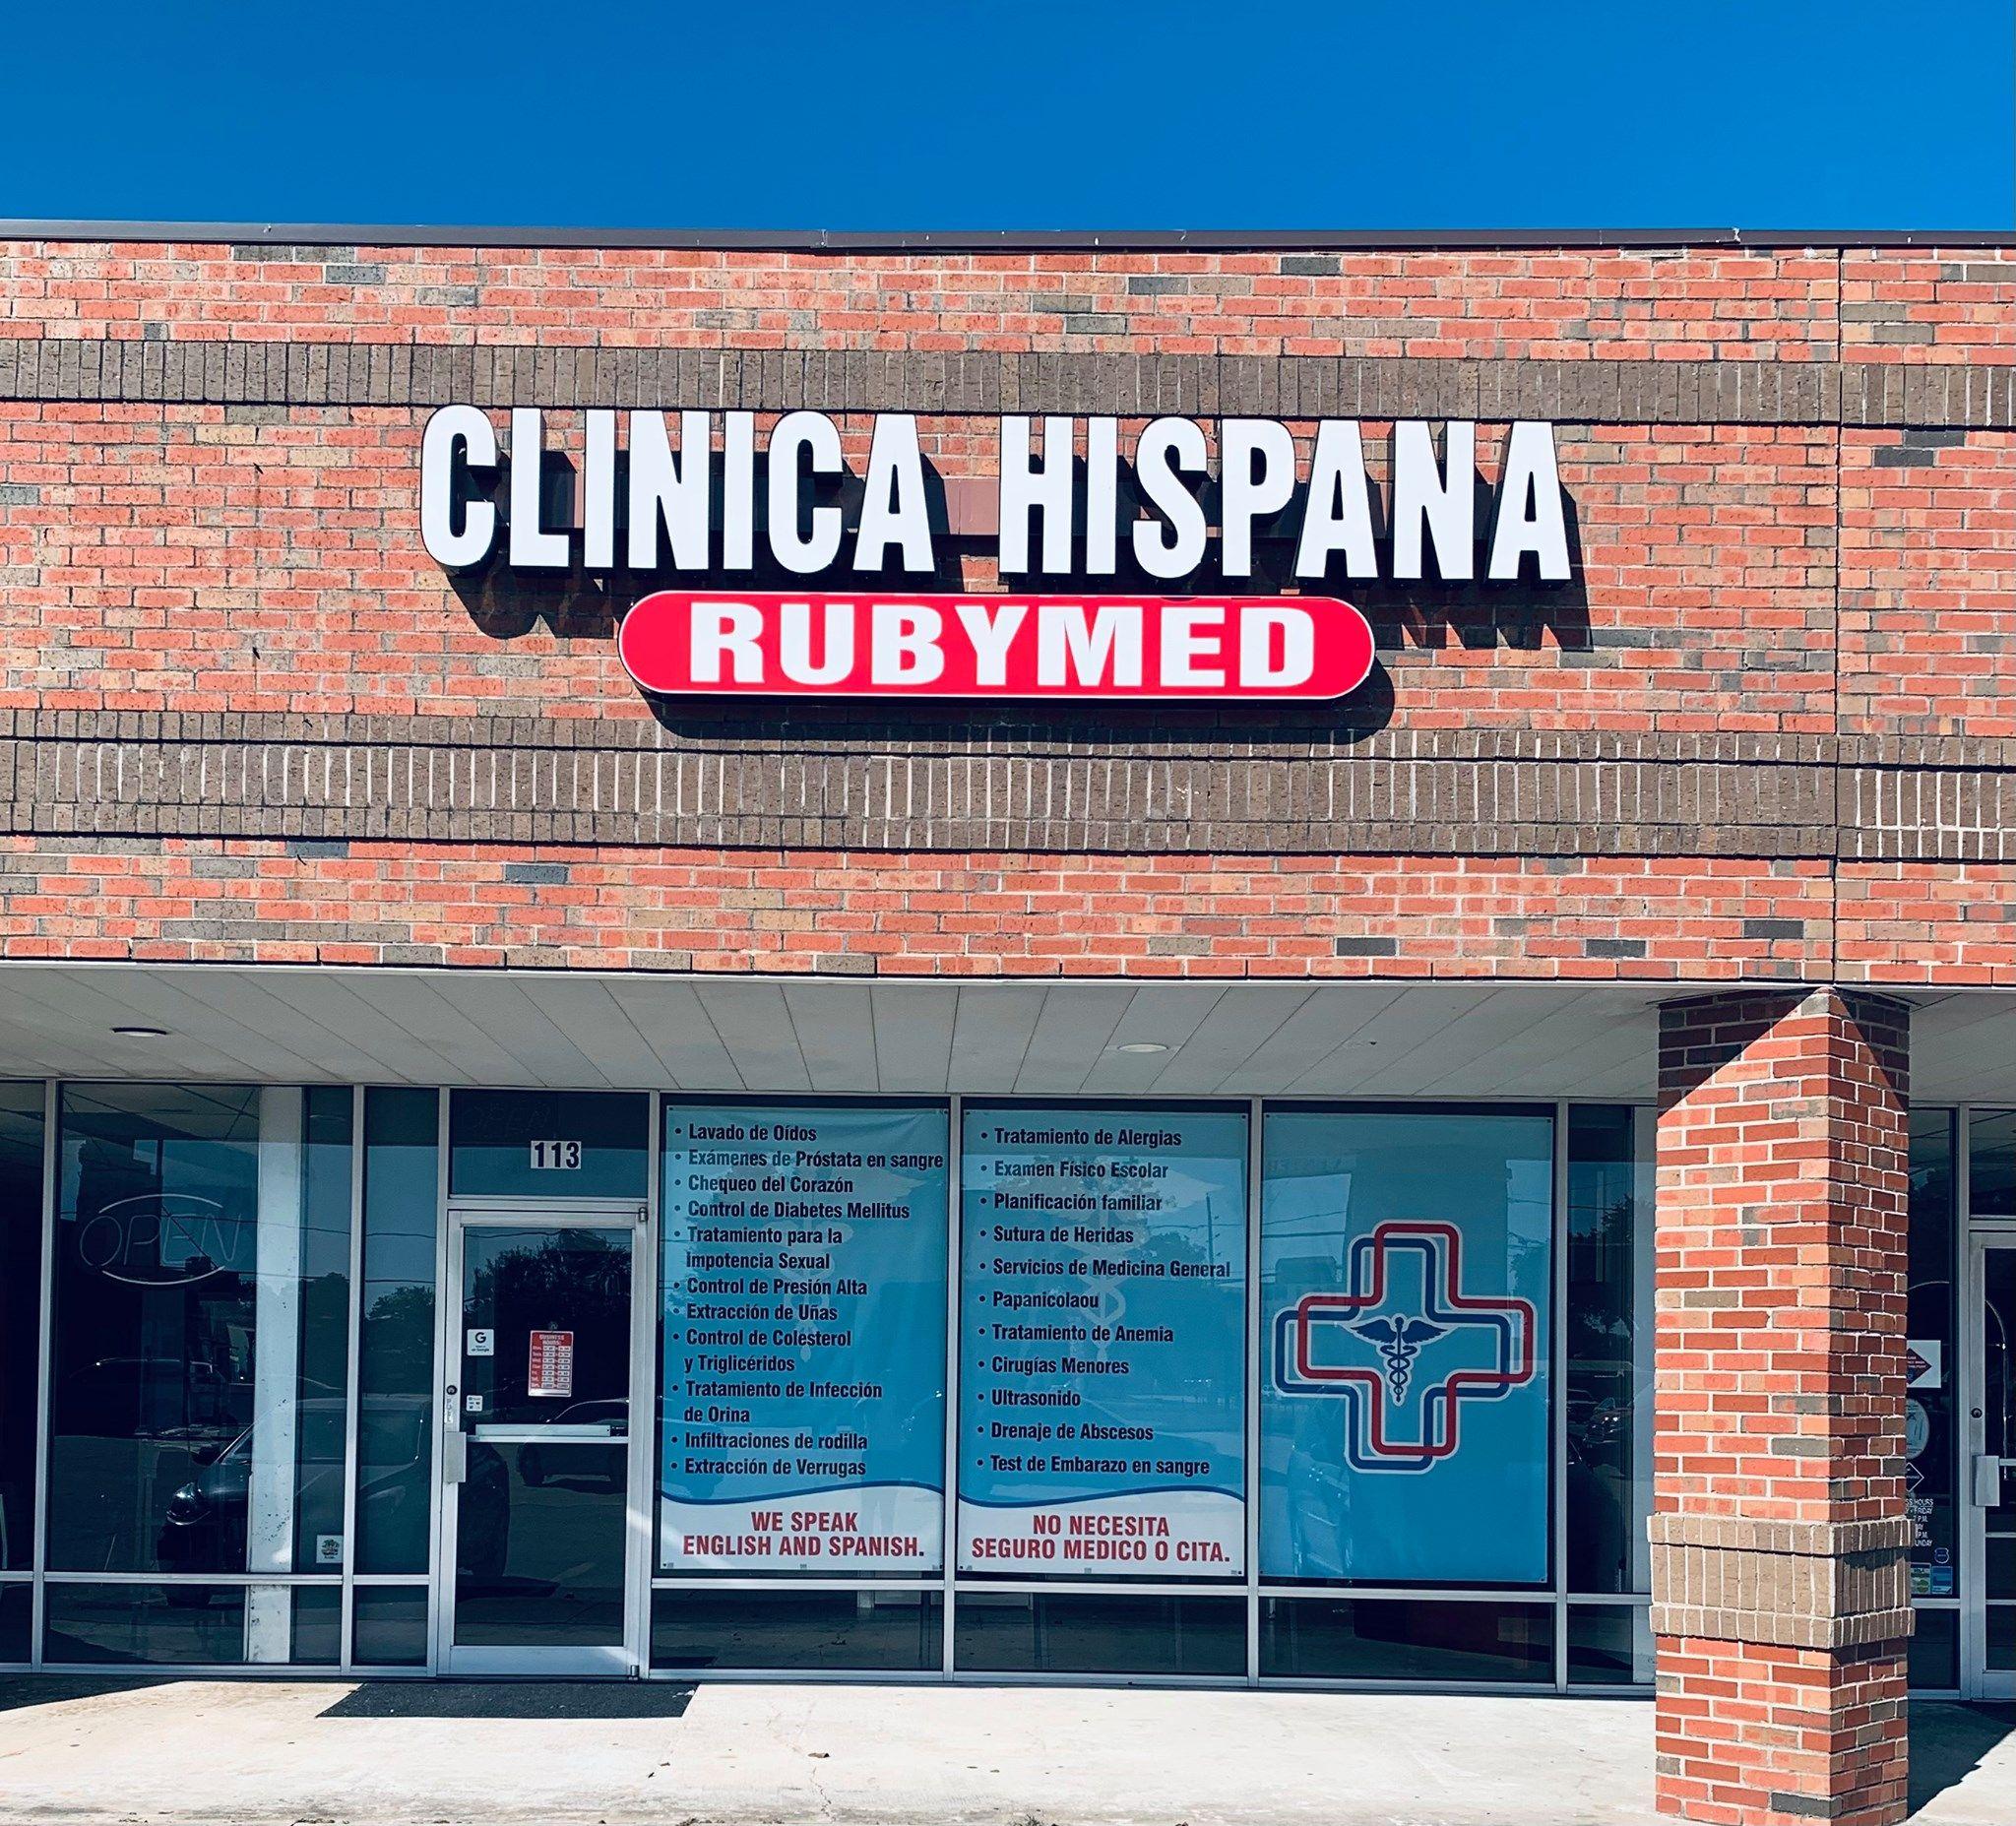 Clínica Hispana Rubymed